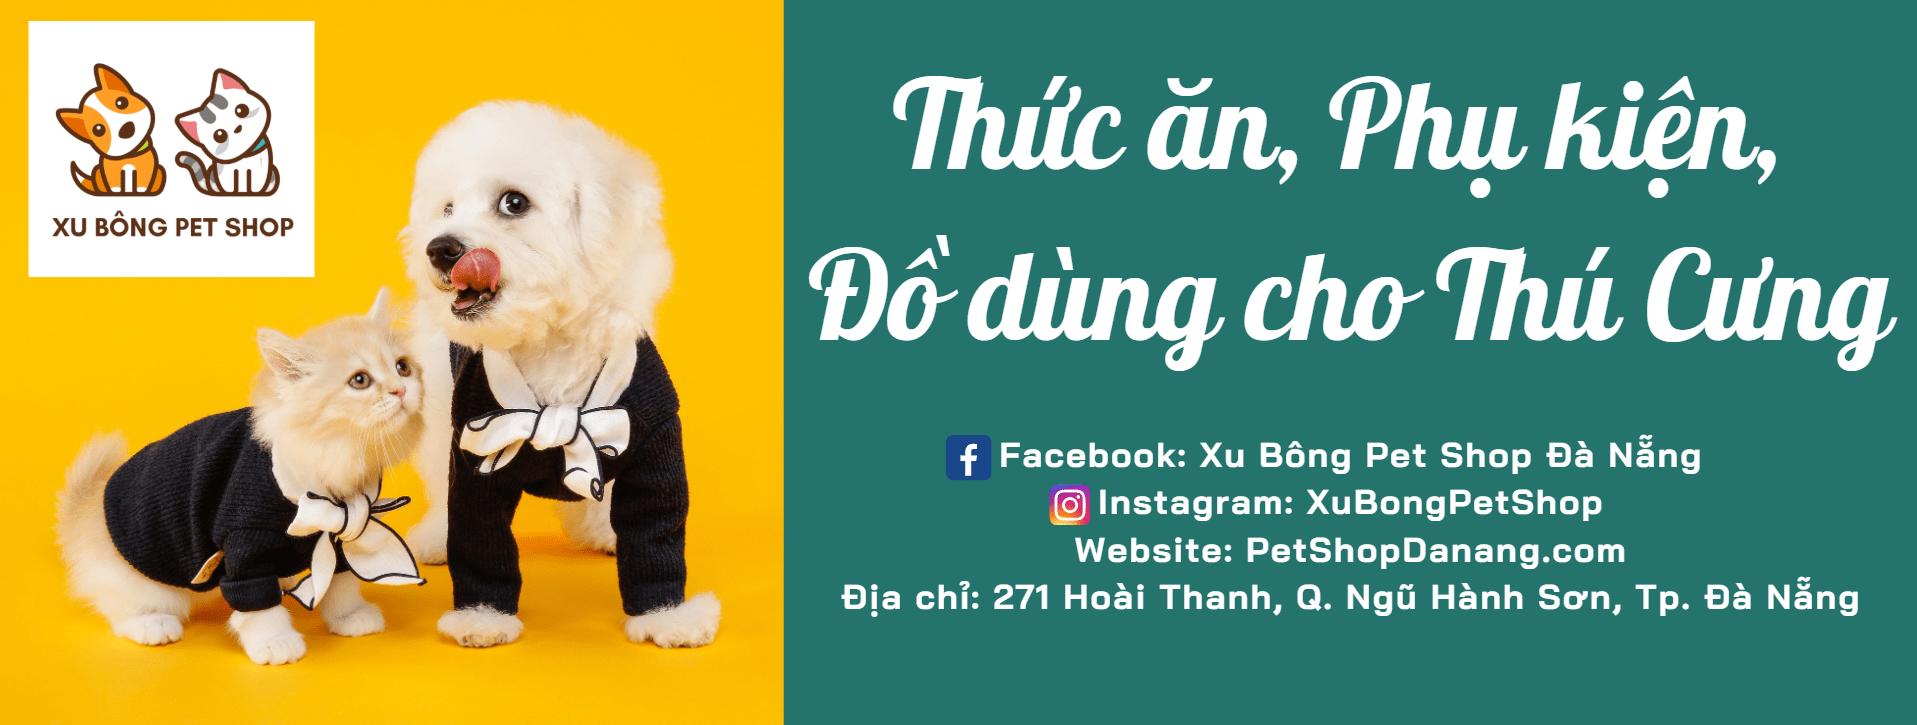 shop phụ kiện thú cưng Đà Nẵng